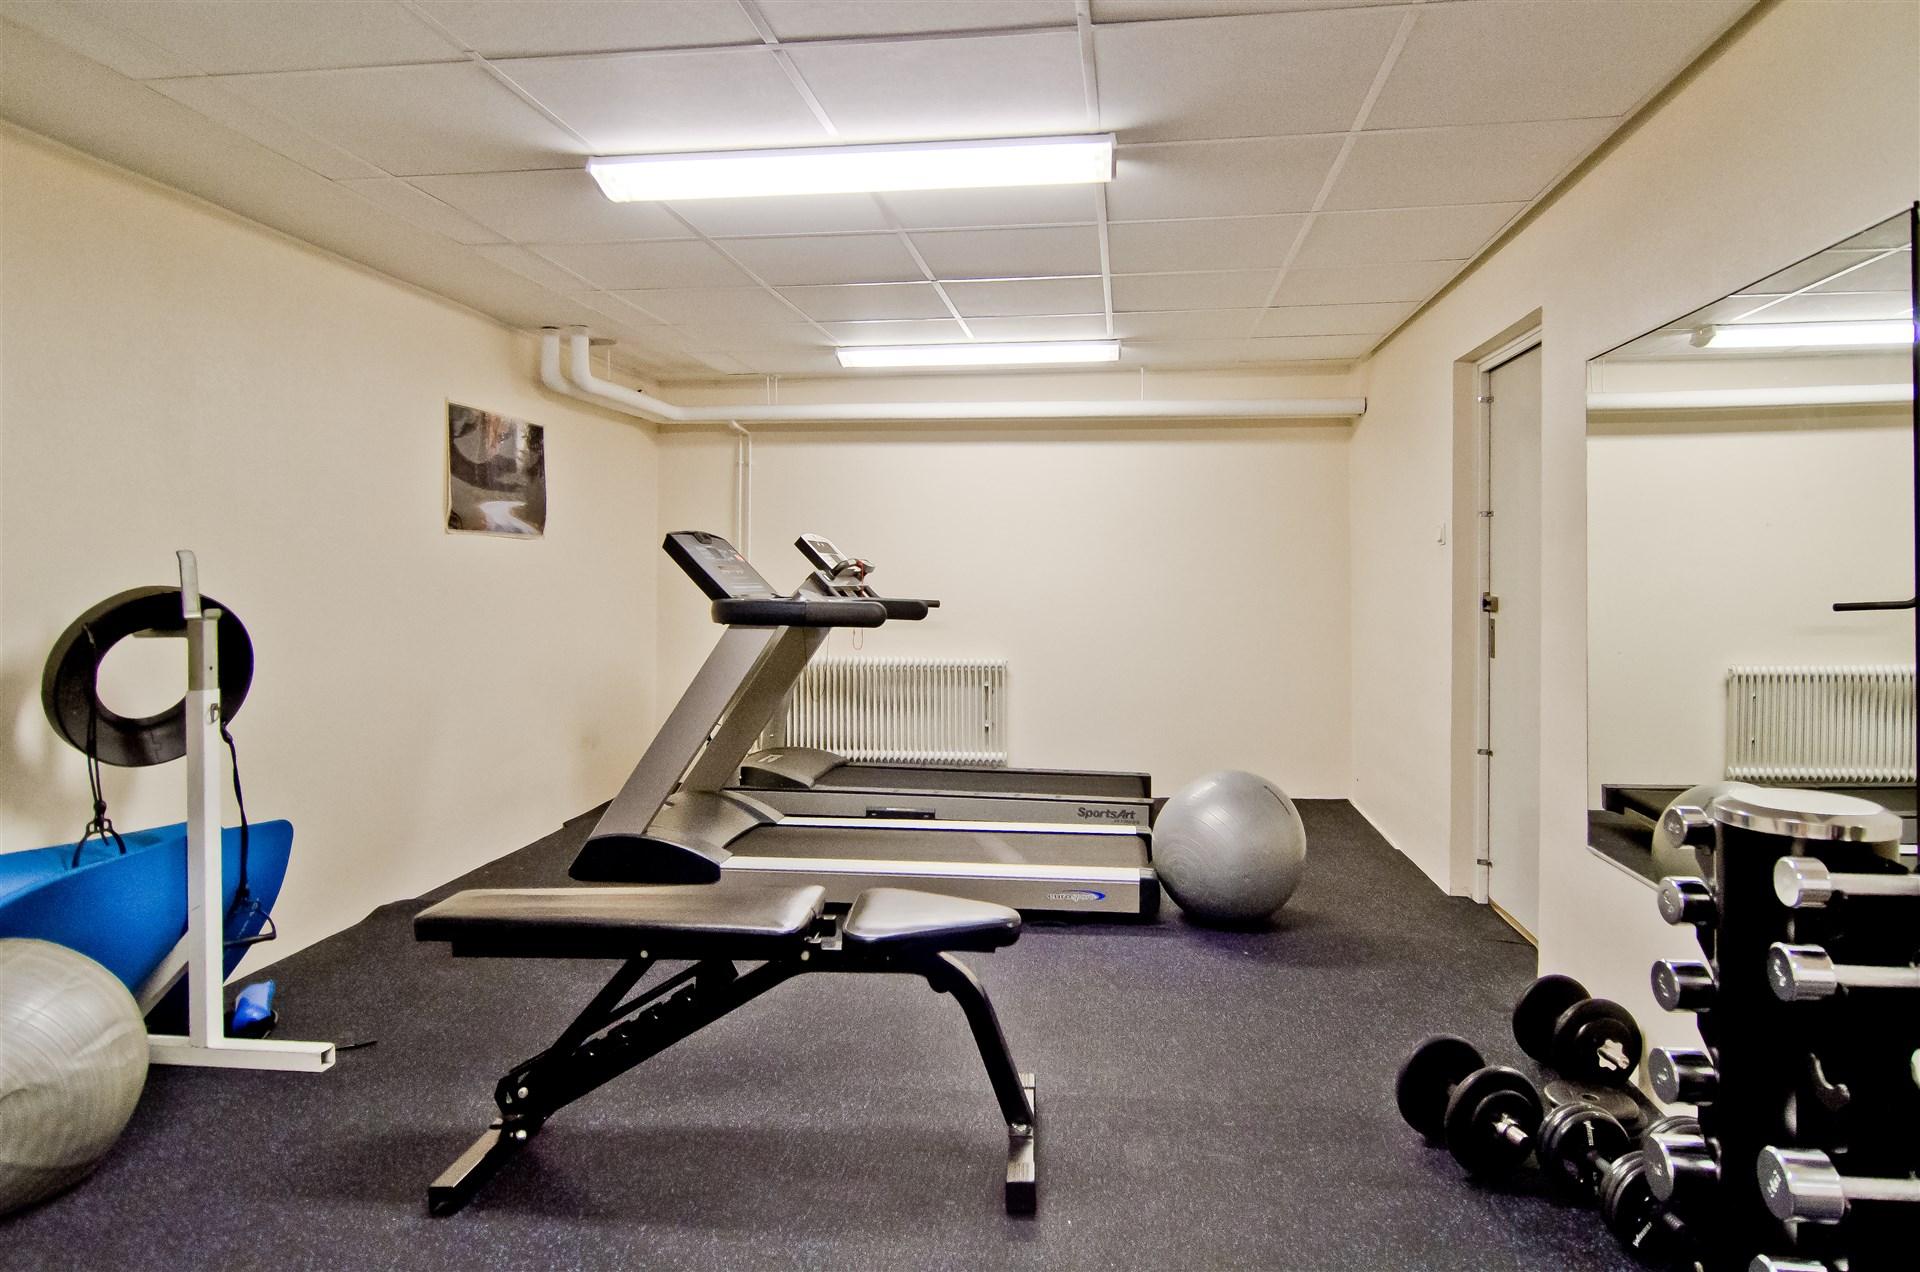 Föreningens gym